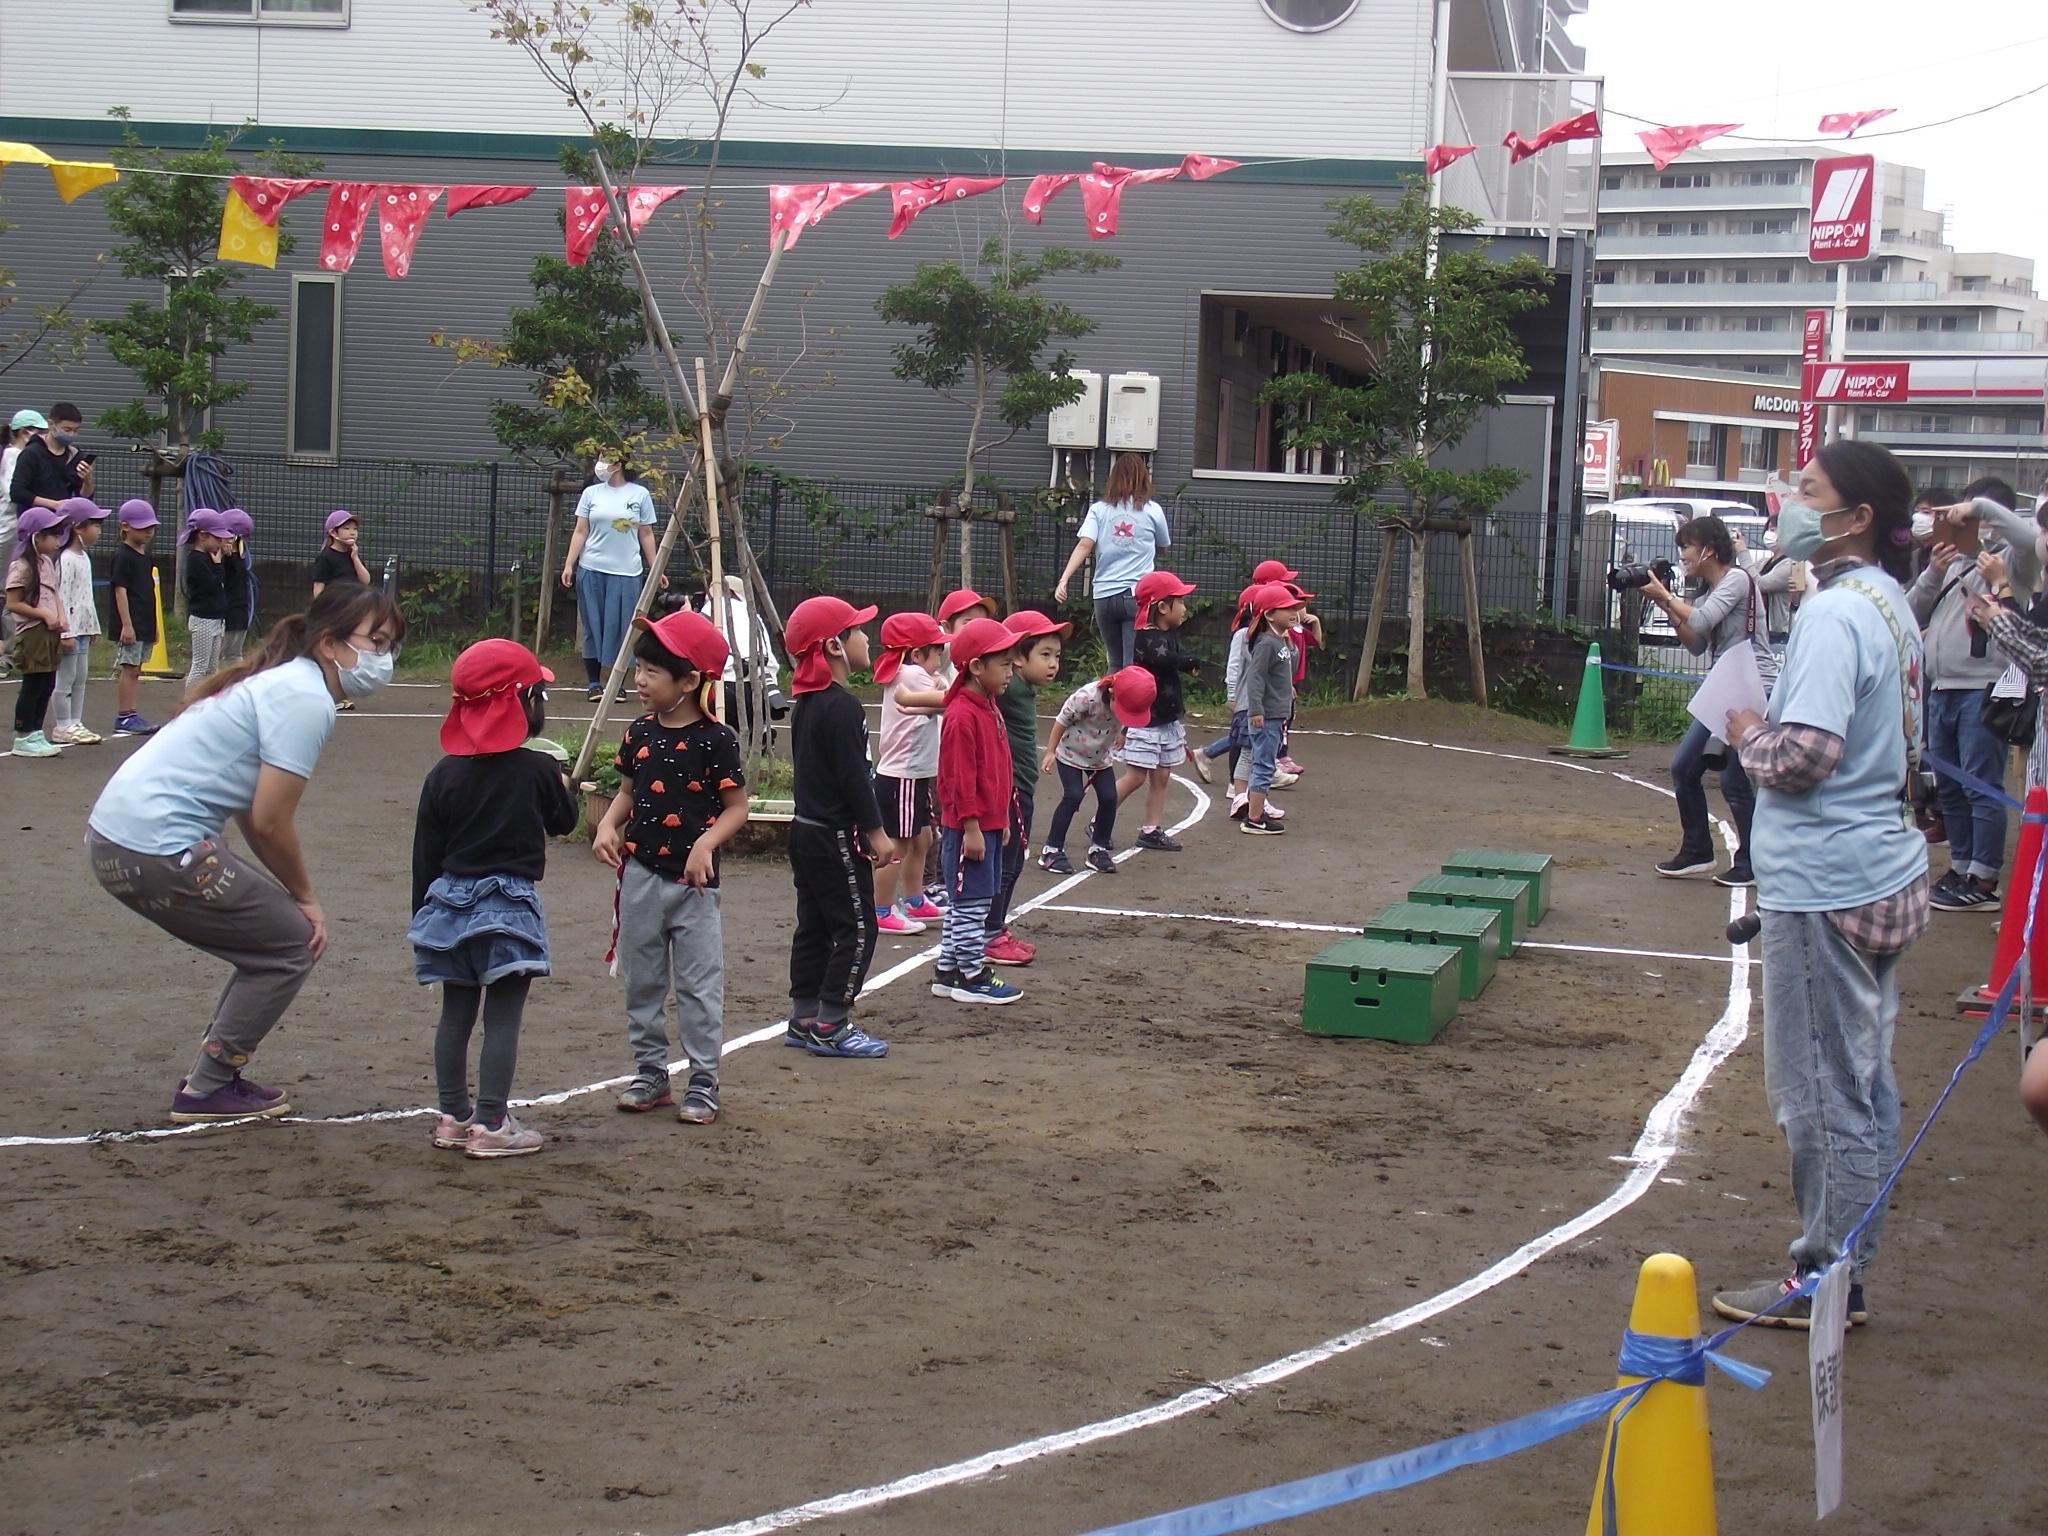 4,5歳児のみの運動会となりました。